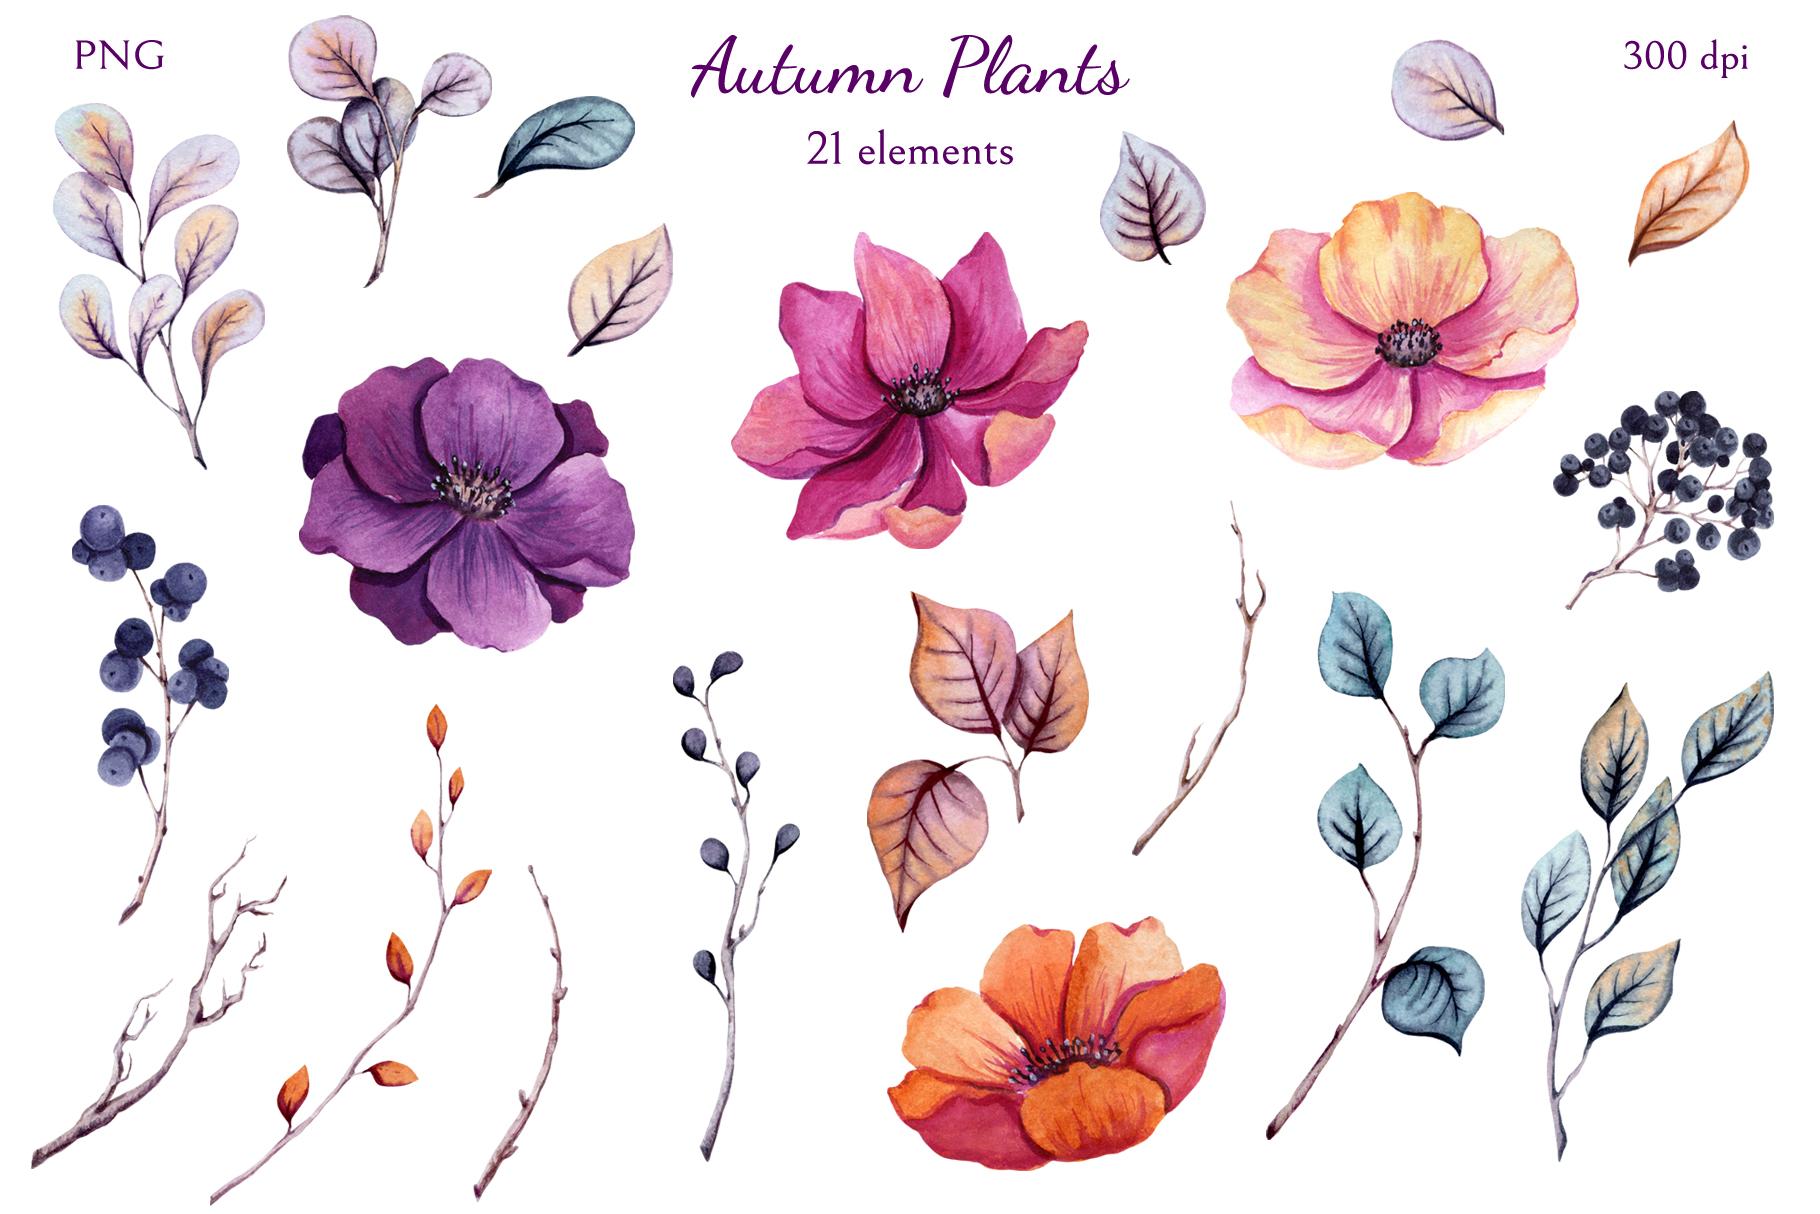 Autumn Plants example image 2